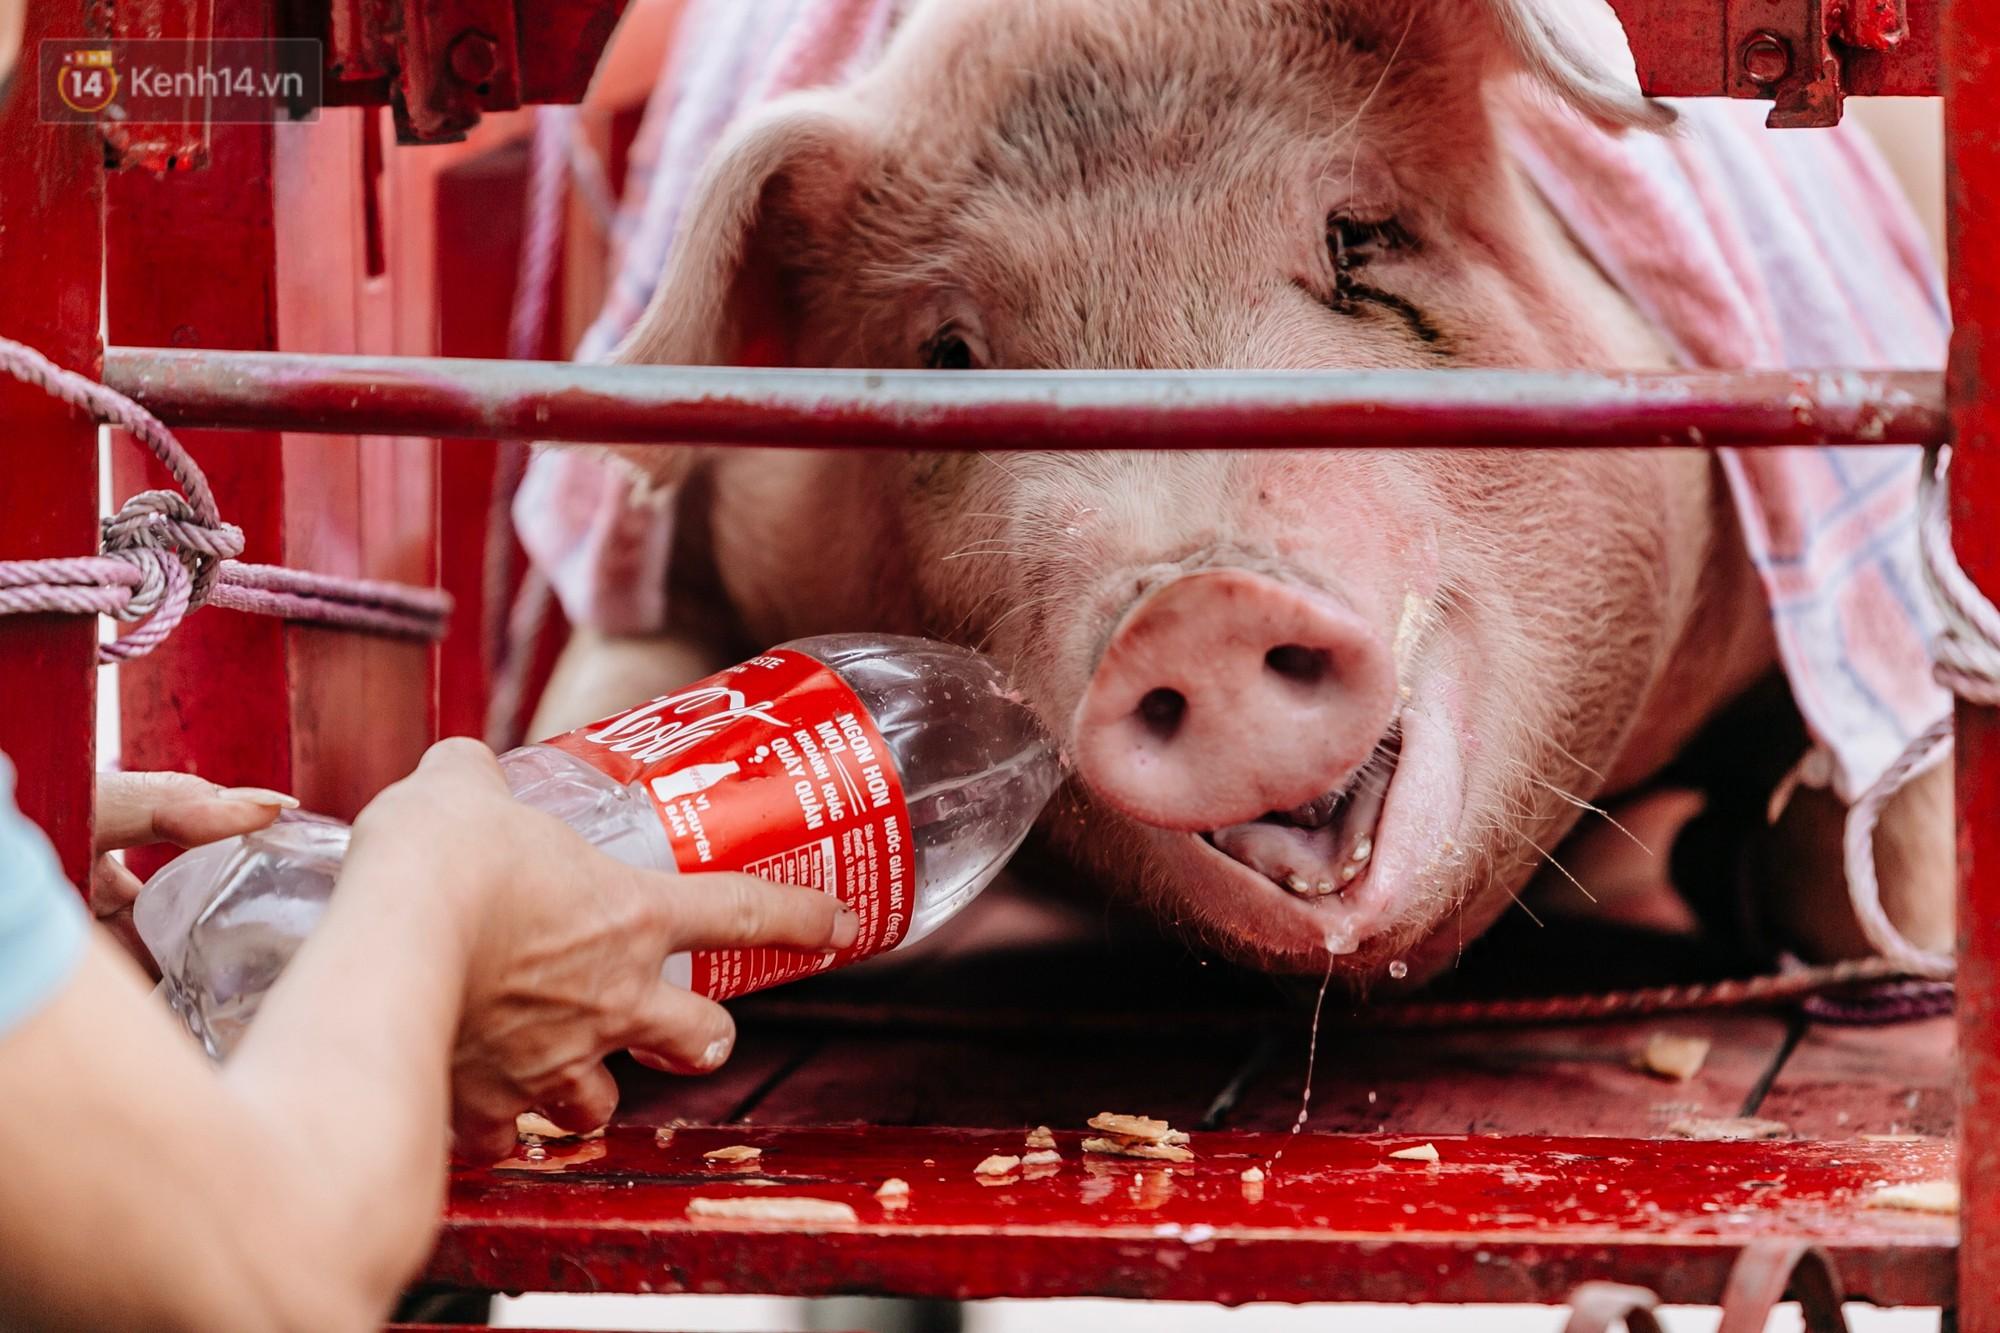 Ảnh, clip: Hàng trăm người dân tập trung chứng kiến nghi lễ chém lợn kín ngày đầu năm, máu 2 ông Ỉn chảy lênh láng - Ảnh 3.